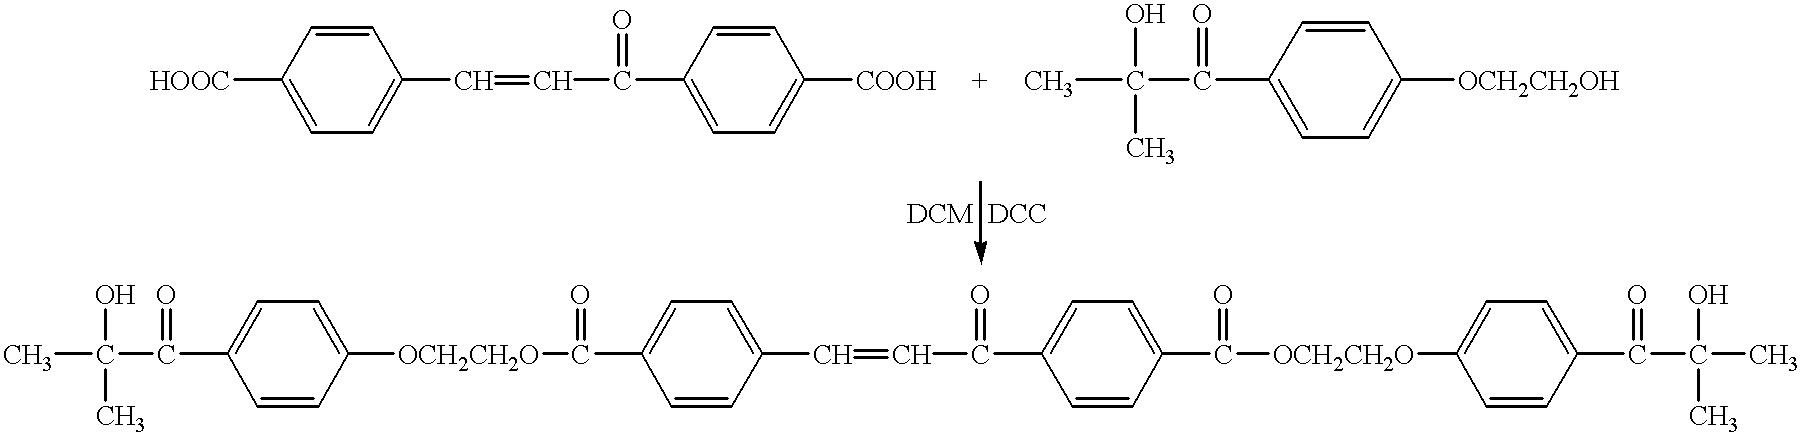 Figure US06242057-20010605-C00024